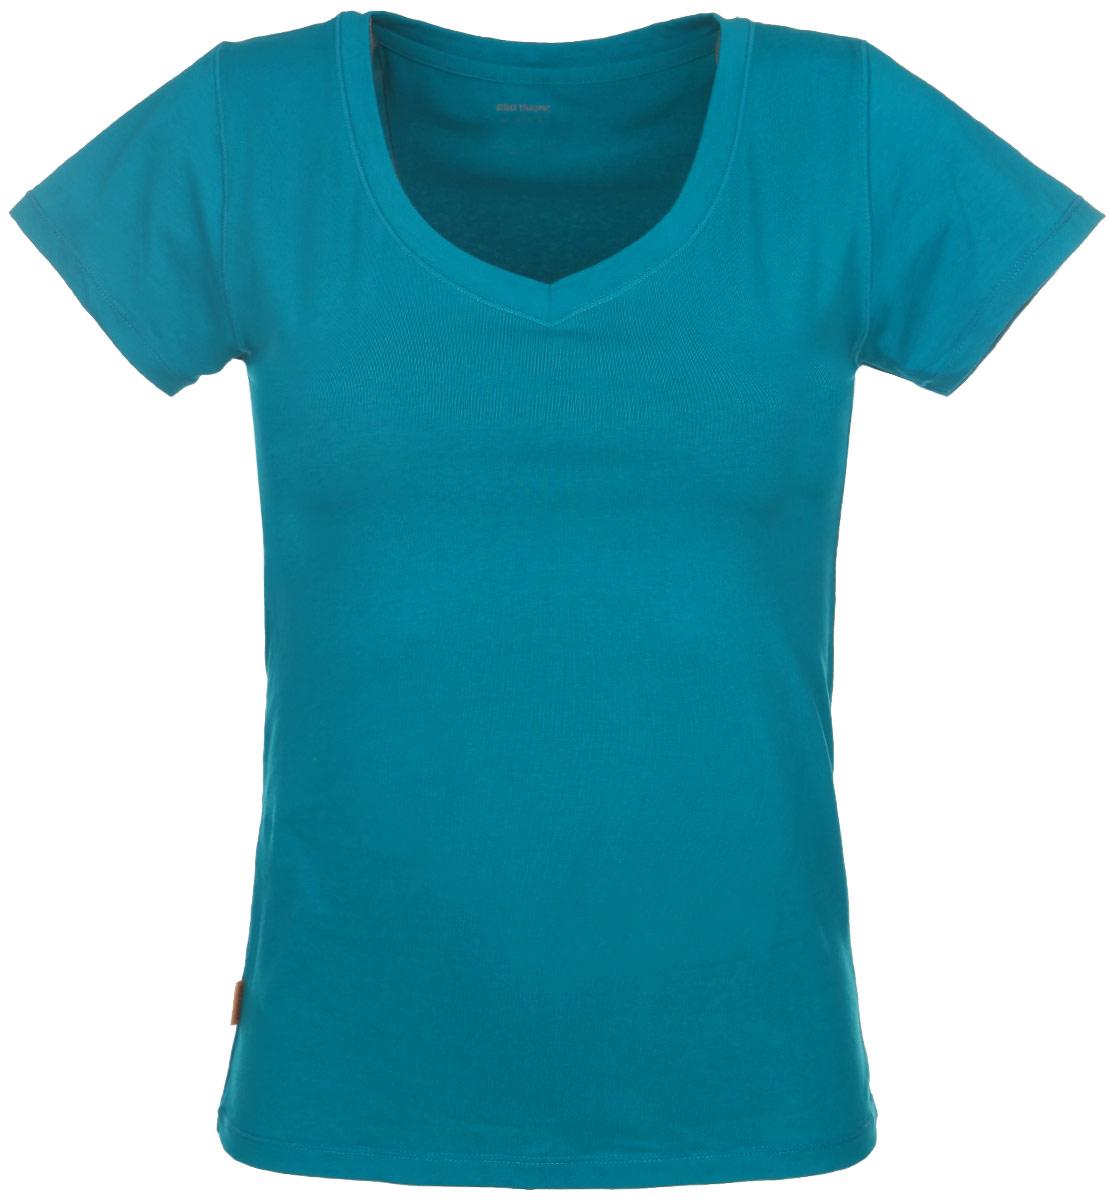 Футболка женская Alla Buone Liscio, цвет: изумрудный. 7047. Размер M (44/46)7047Женская футболка Alla Buone Liscio, выполненная из эластичного хлопка, идеально подойдет для повседневной носки. Материал изделия мягкий, тактильно приятный, не сковывает движения и позволяет коже дышать.Футболка с V-образным вырезом горловины и короткими рукавами имеет слегка приталенный силуэт. Вырез горловины оформлен мягкой окантовочной лентой. Изделие дополнено фирменным логотипом, вшитым в боковой шов.Такая модель будет дарить вам комфорт в течение всего дня и станет отличным дополнением к вашему гардеробу.